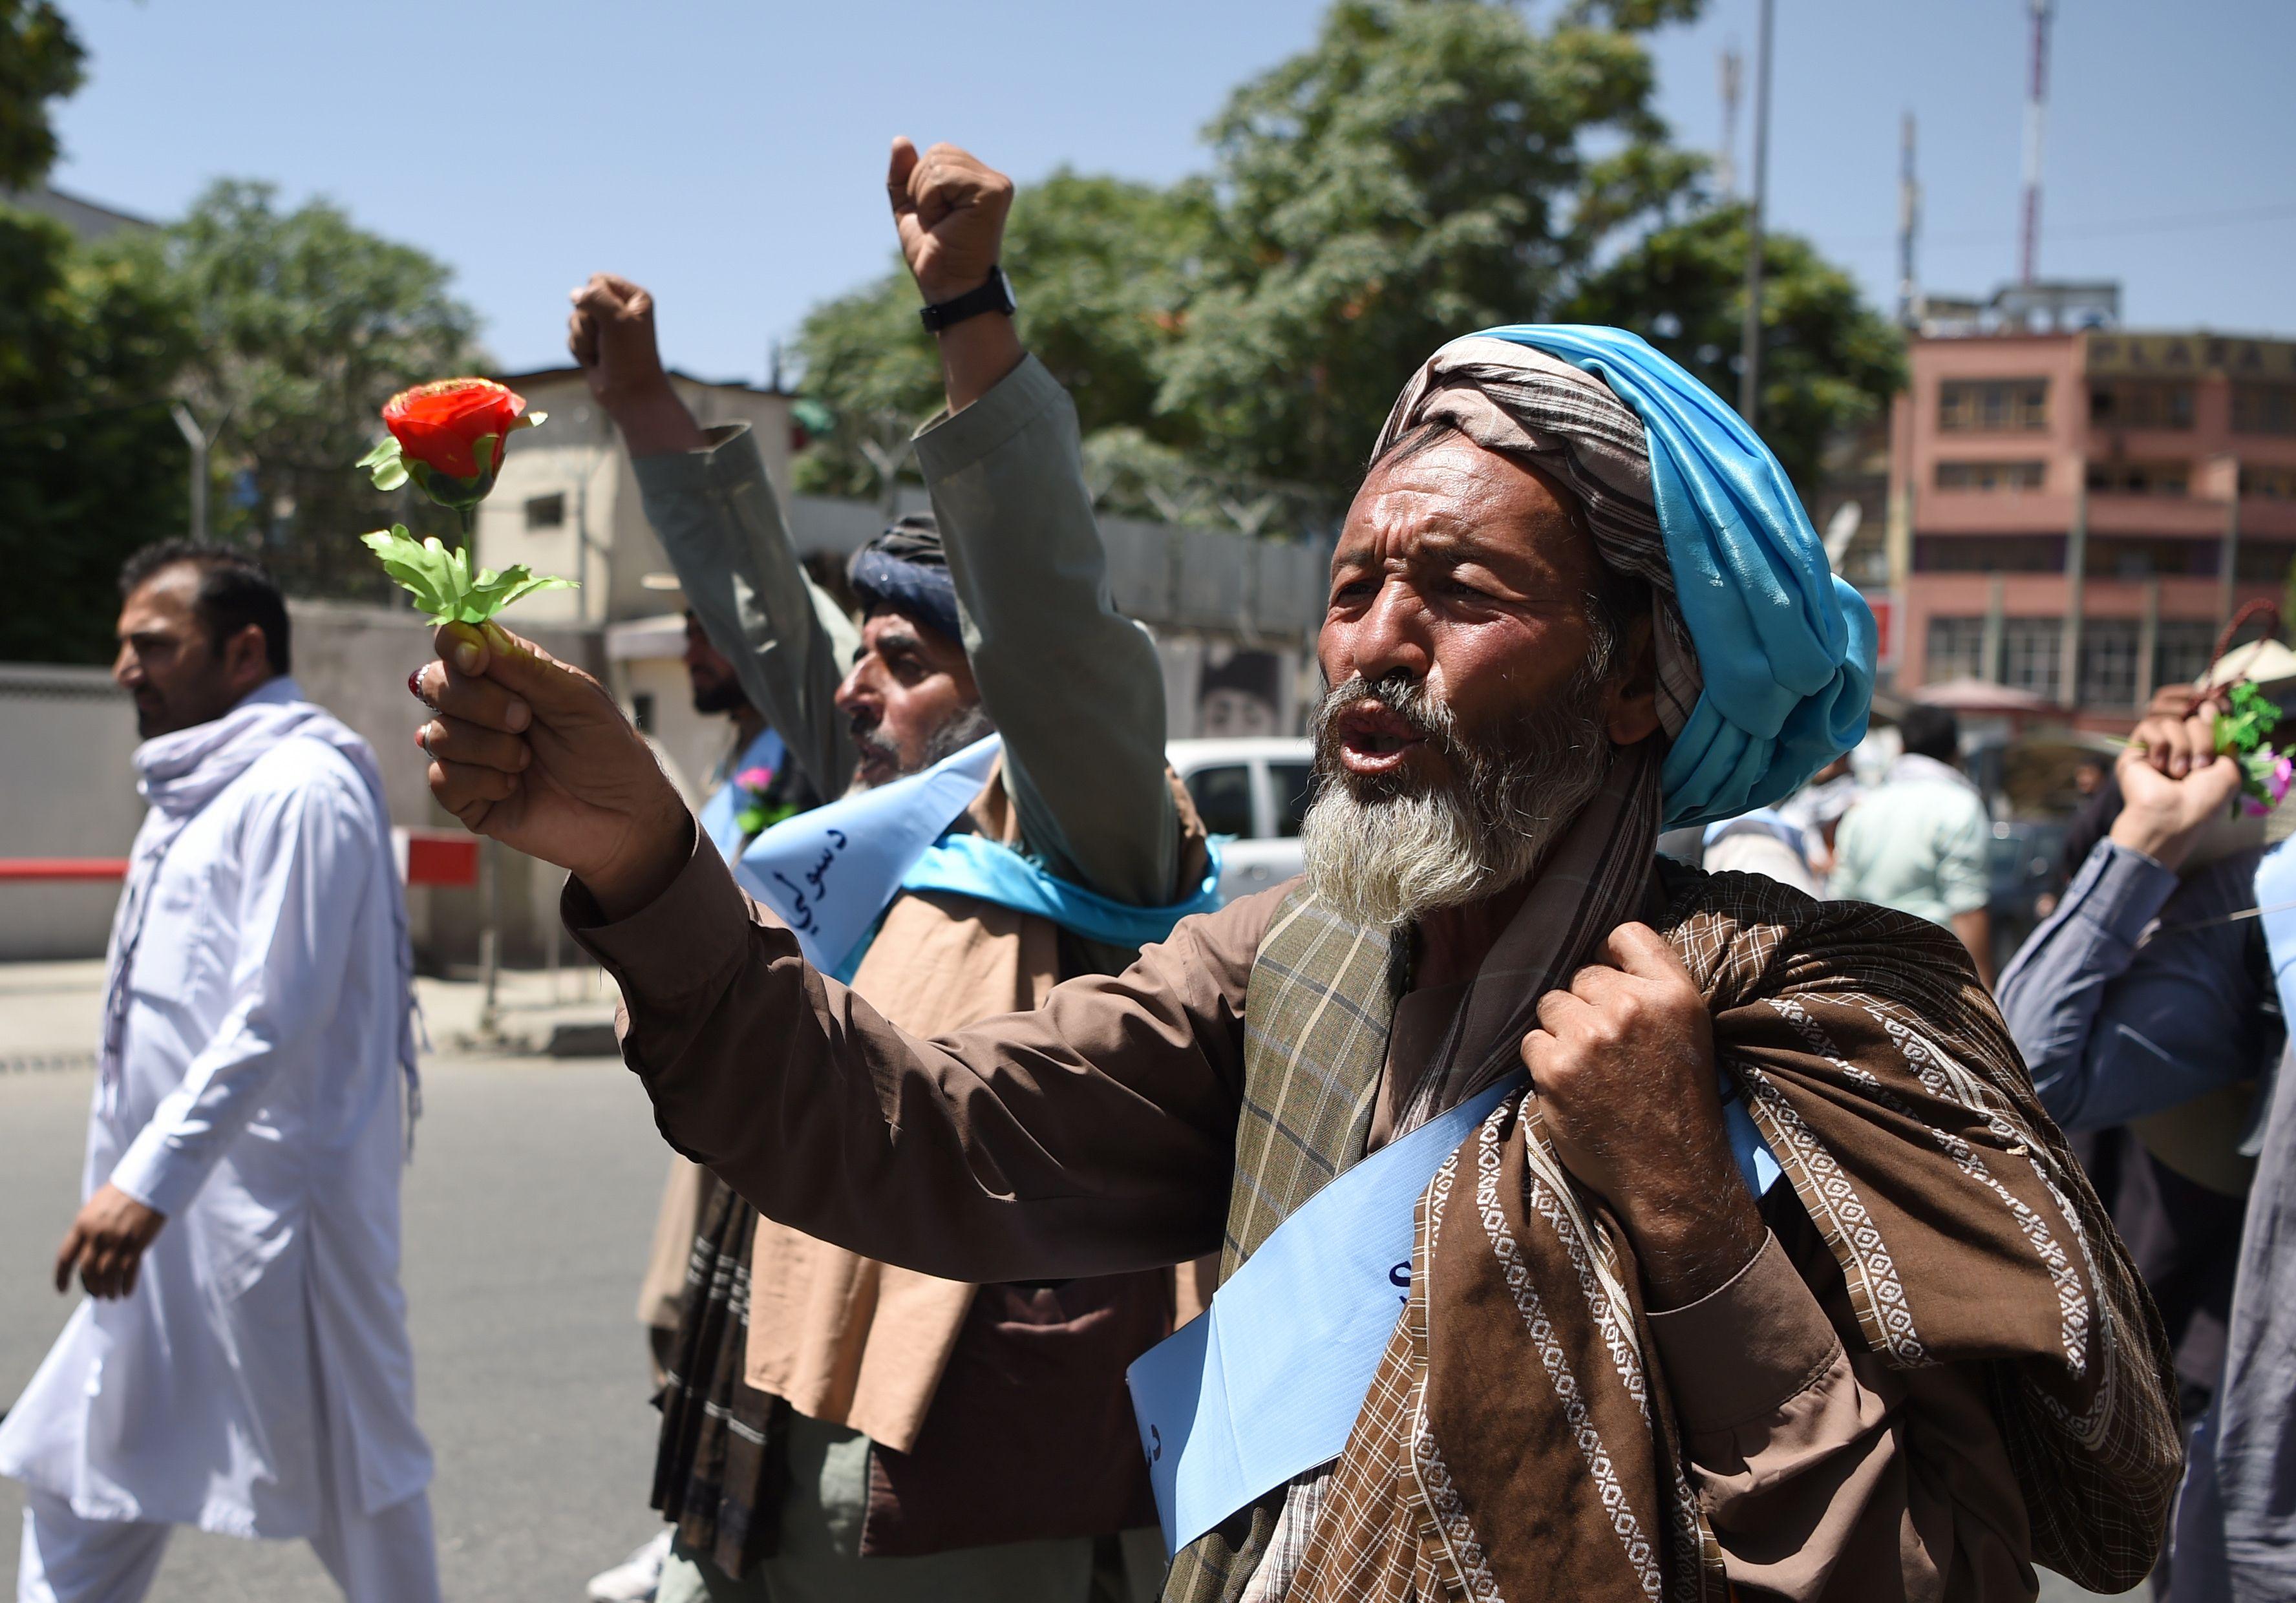 المشاركون فى المسيرة يحملون الزهور رمزا للسلام